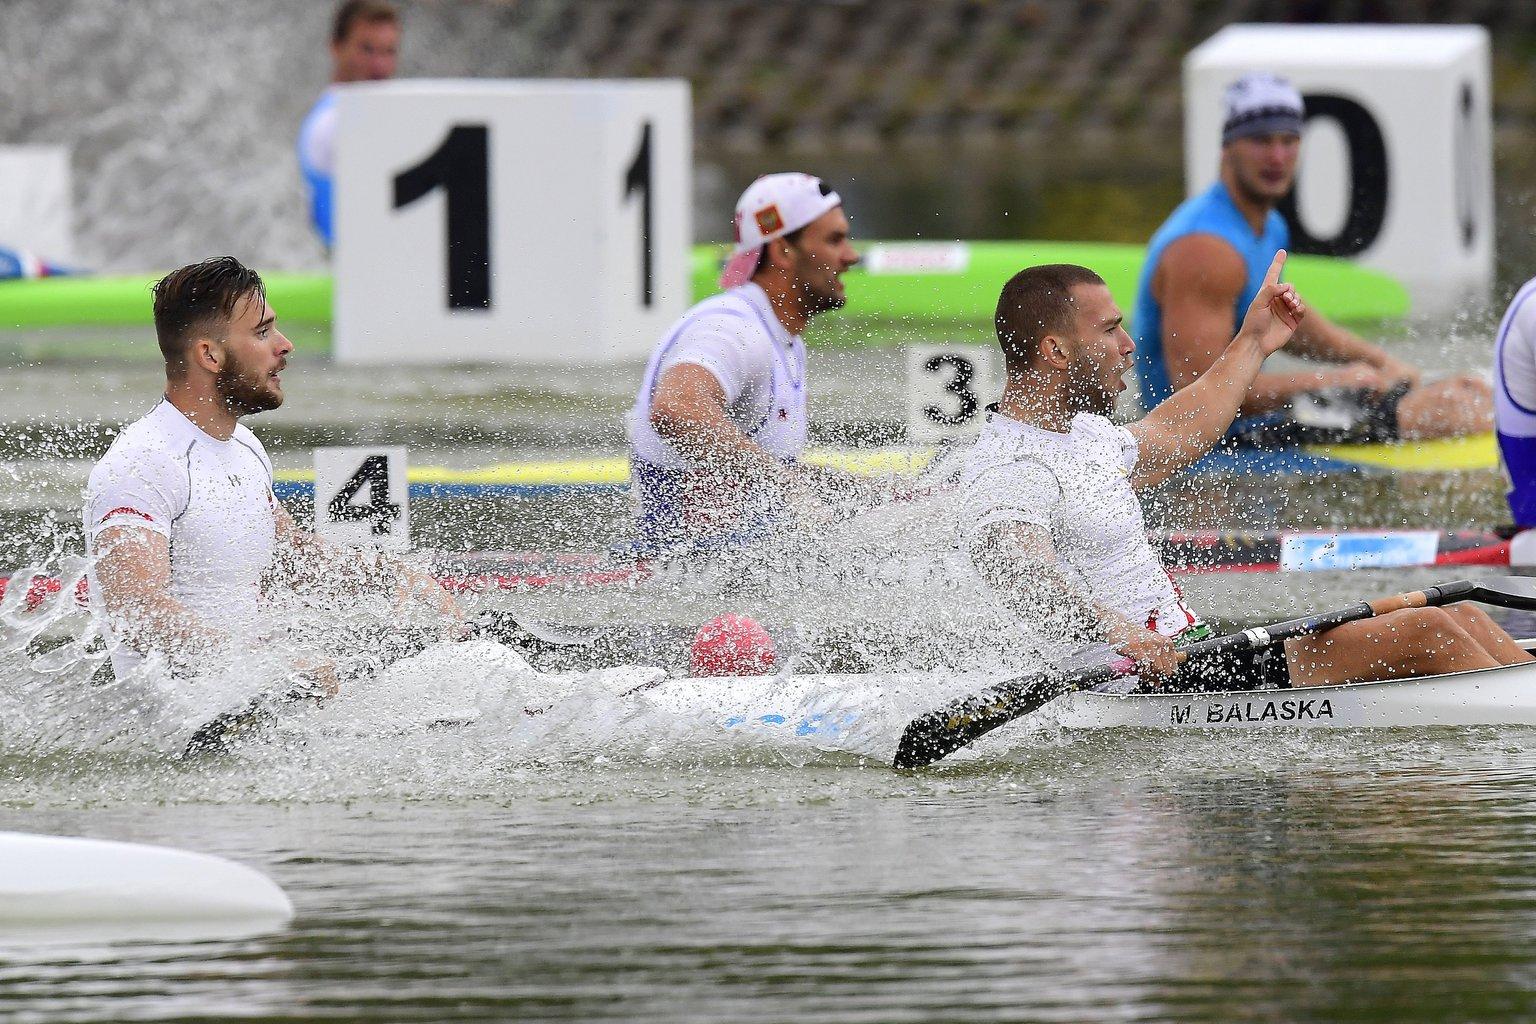 Balaska Márk (elöl) és Birkás Balázs elsőként ért célba a férfi kajak kettesek 200 méteres döntőjében a plovdivi kajak-kenu Európa-bajnokságon 2017. július 16-án (MTI Fotó: Kovács Tamás)